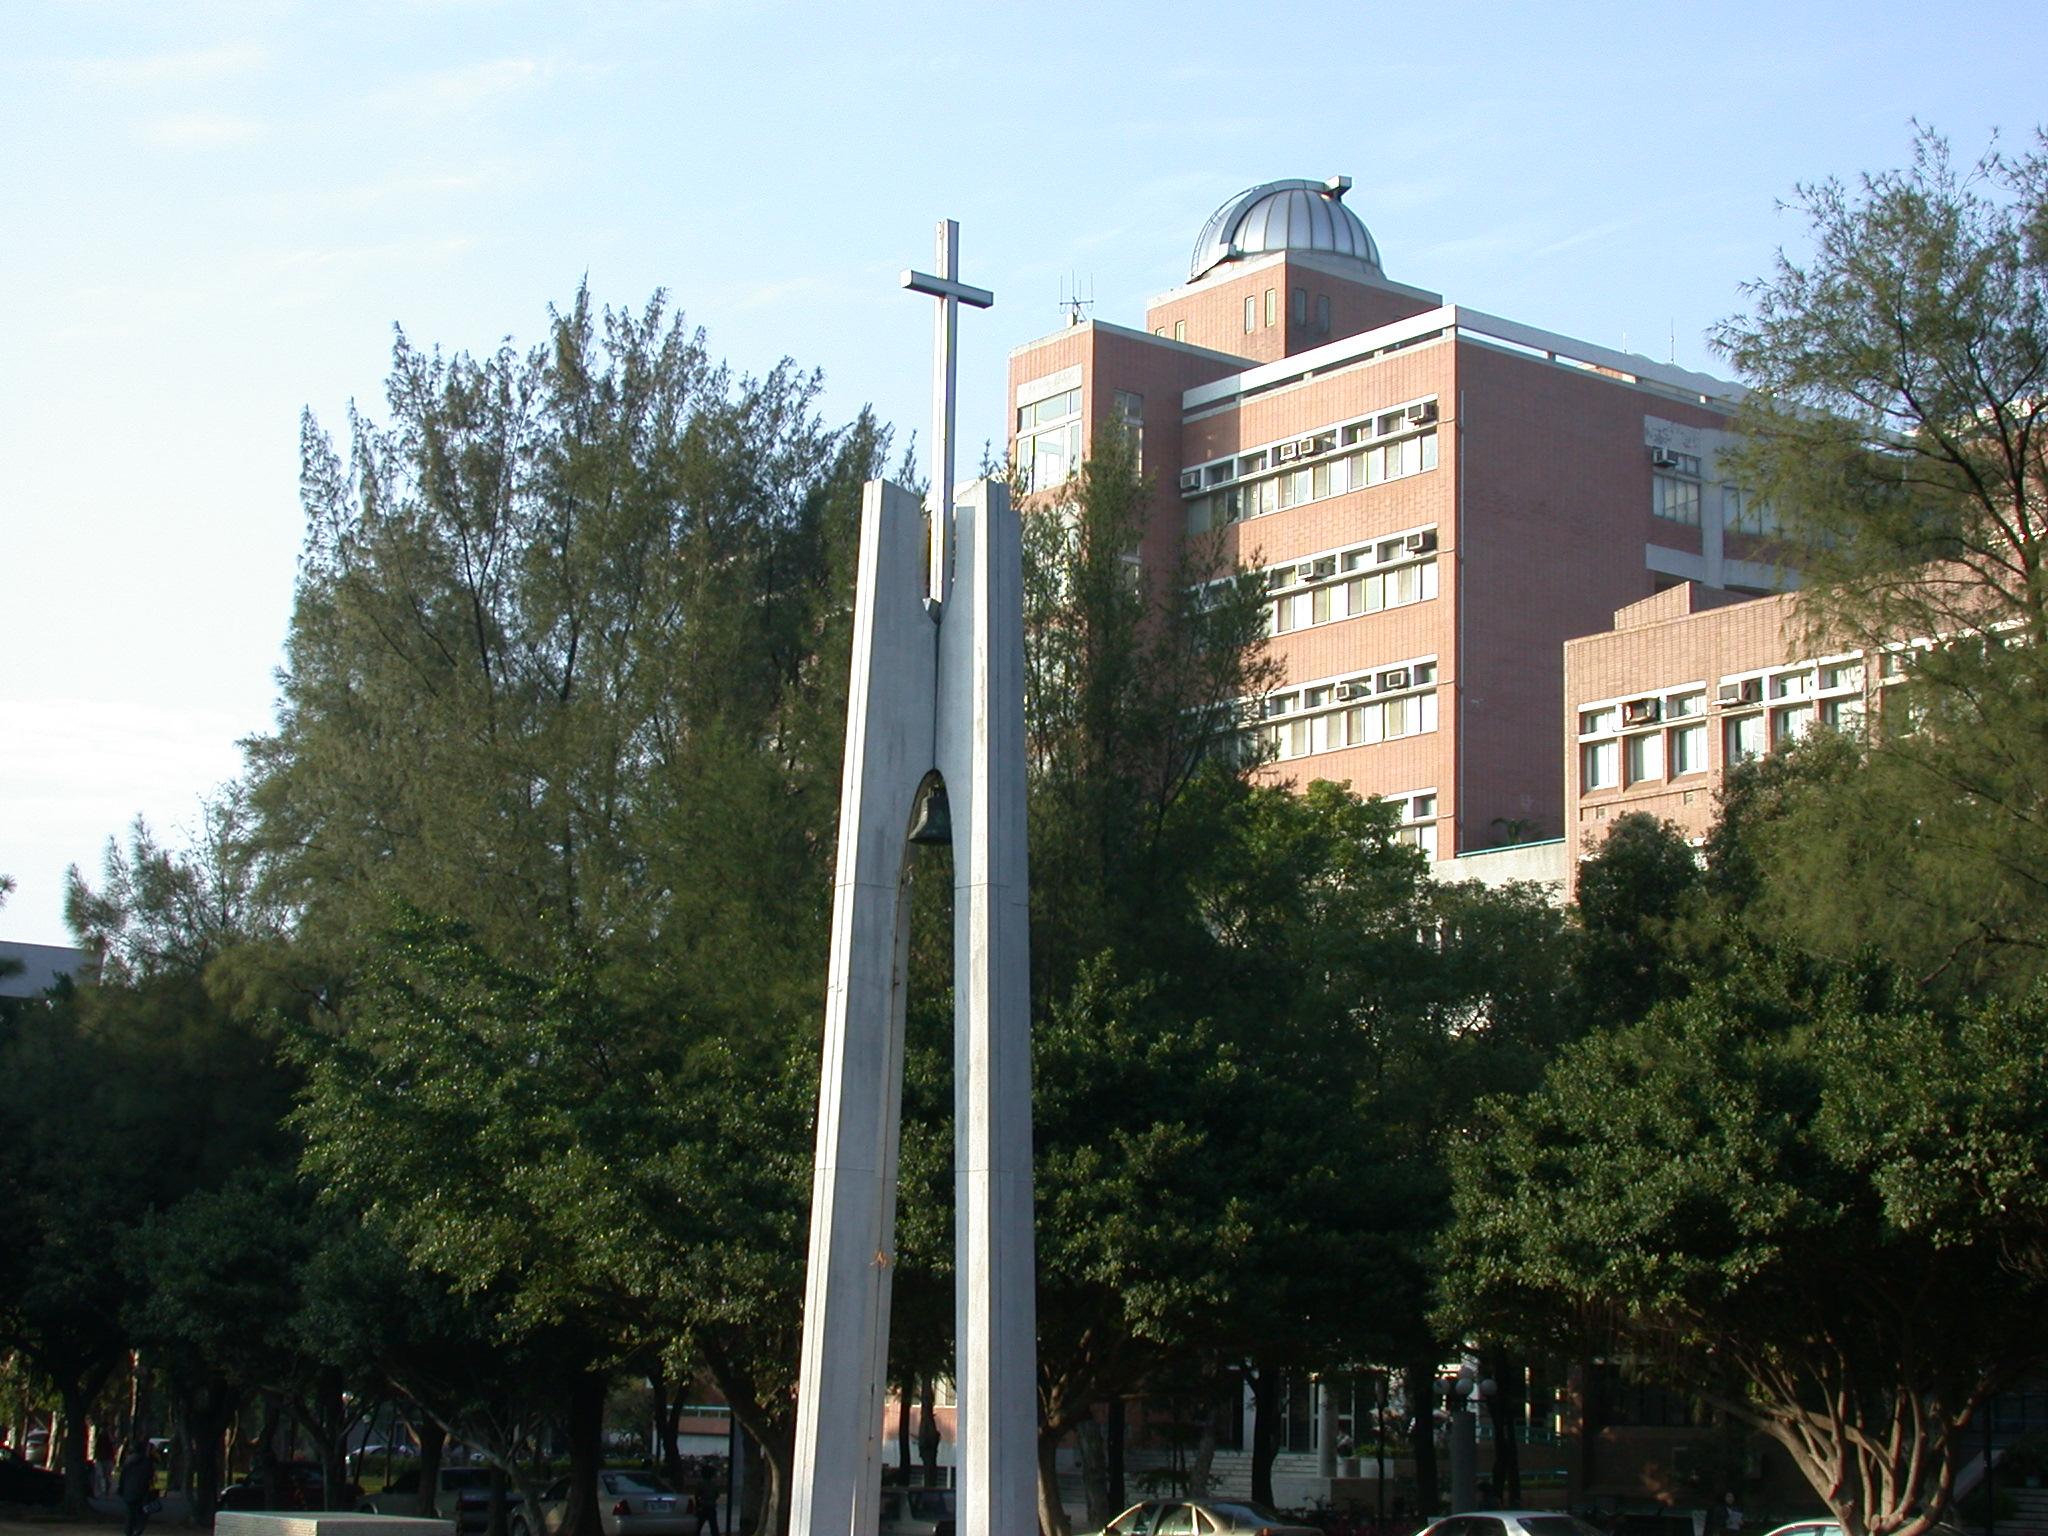 私立大學產學合作績效 中原大學表現最佳